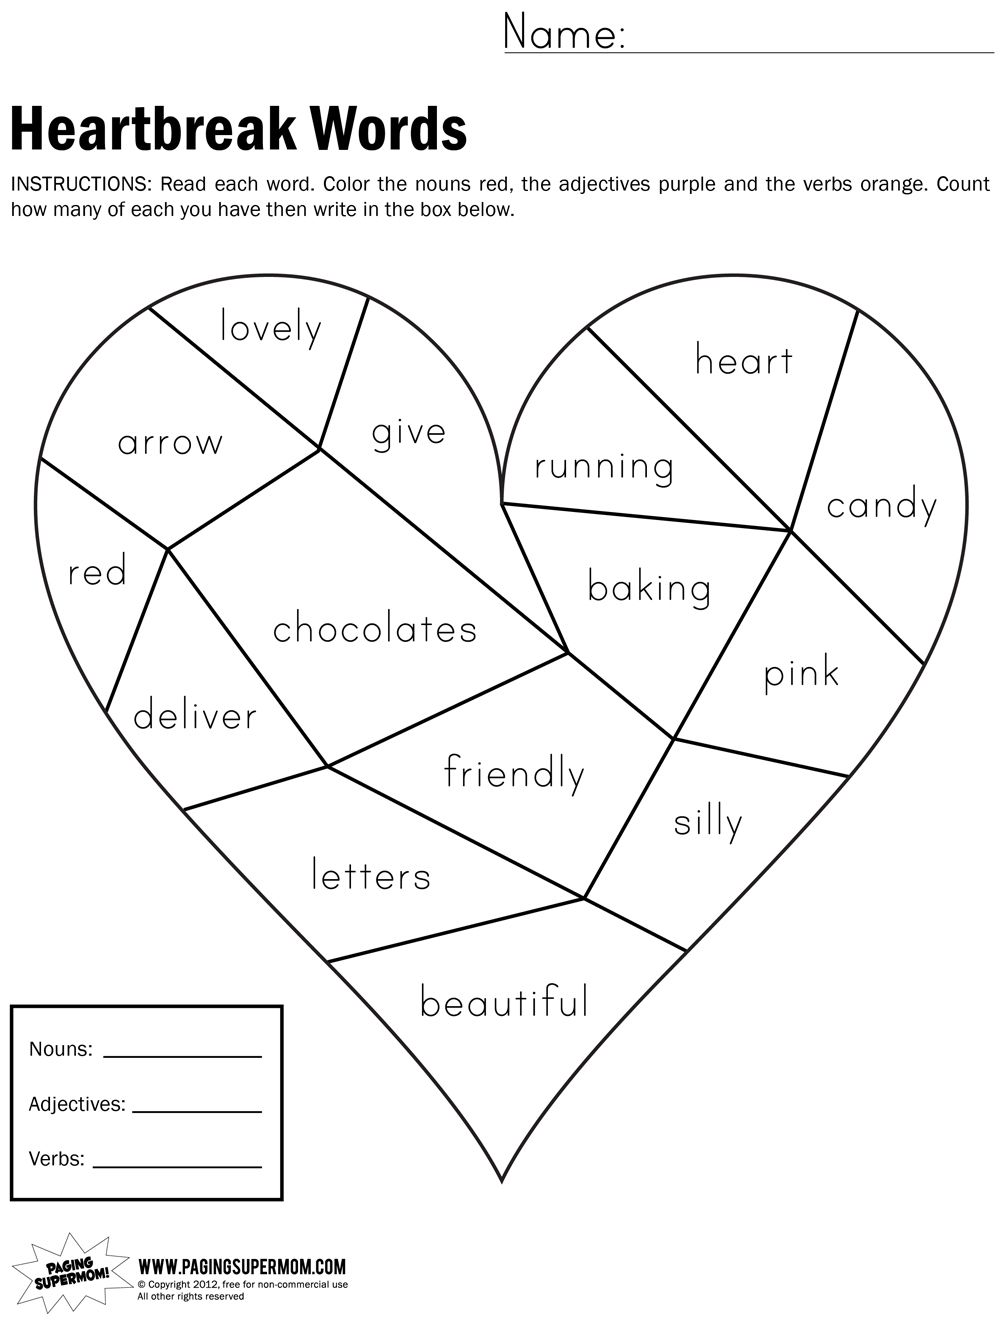 medium resolution of Heartbreak Words Free Printable Worksheet   Paging Supermom   Color  worksheets